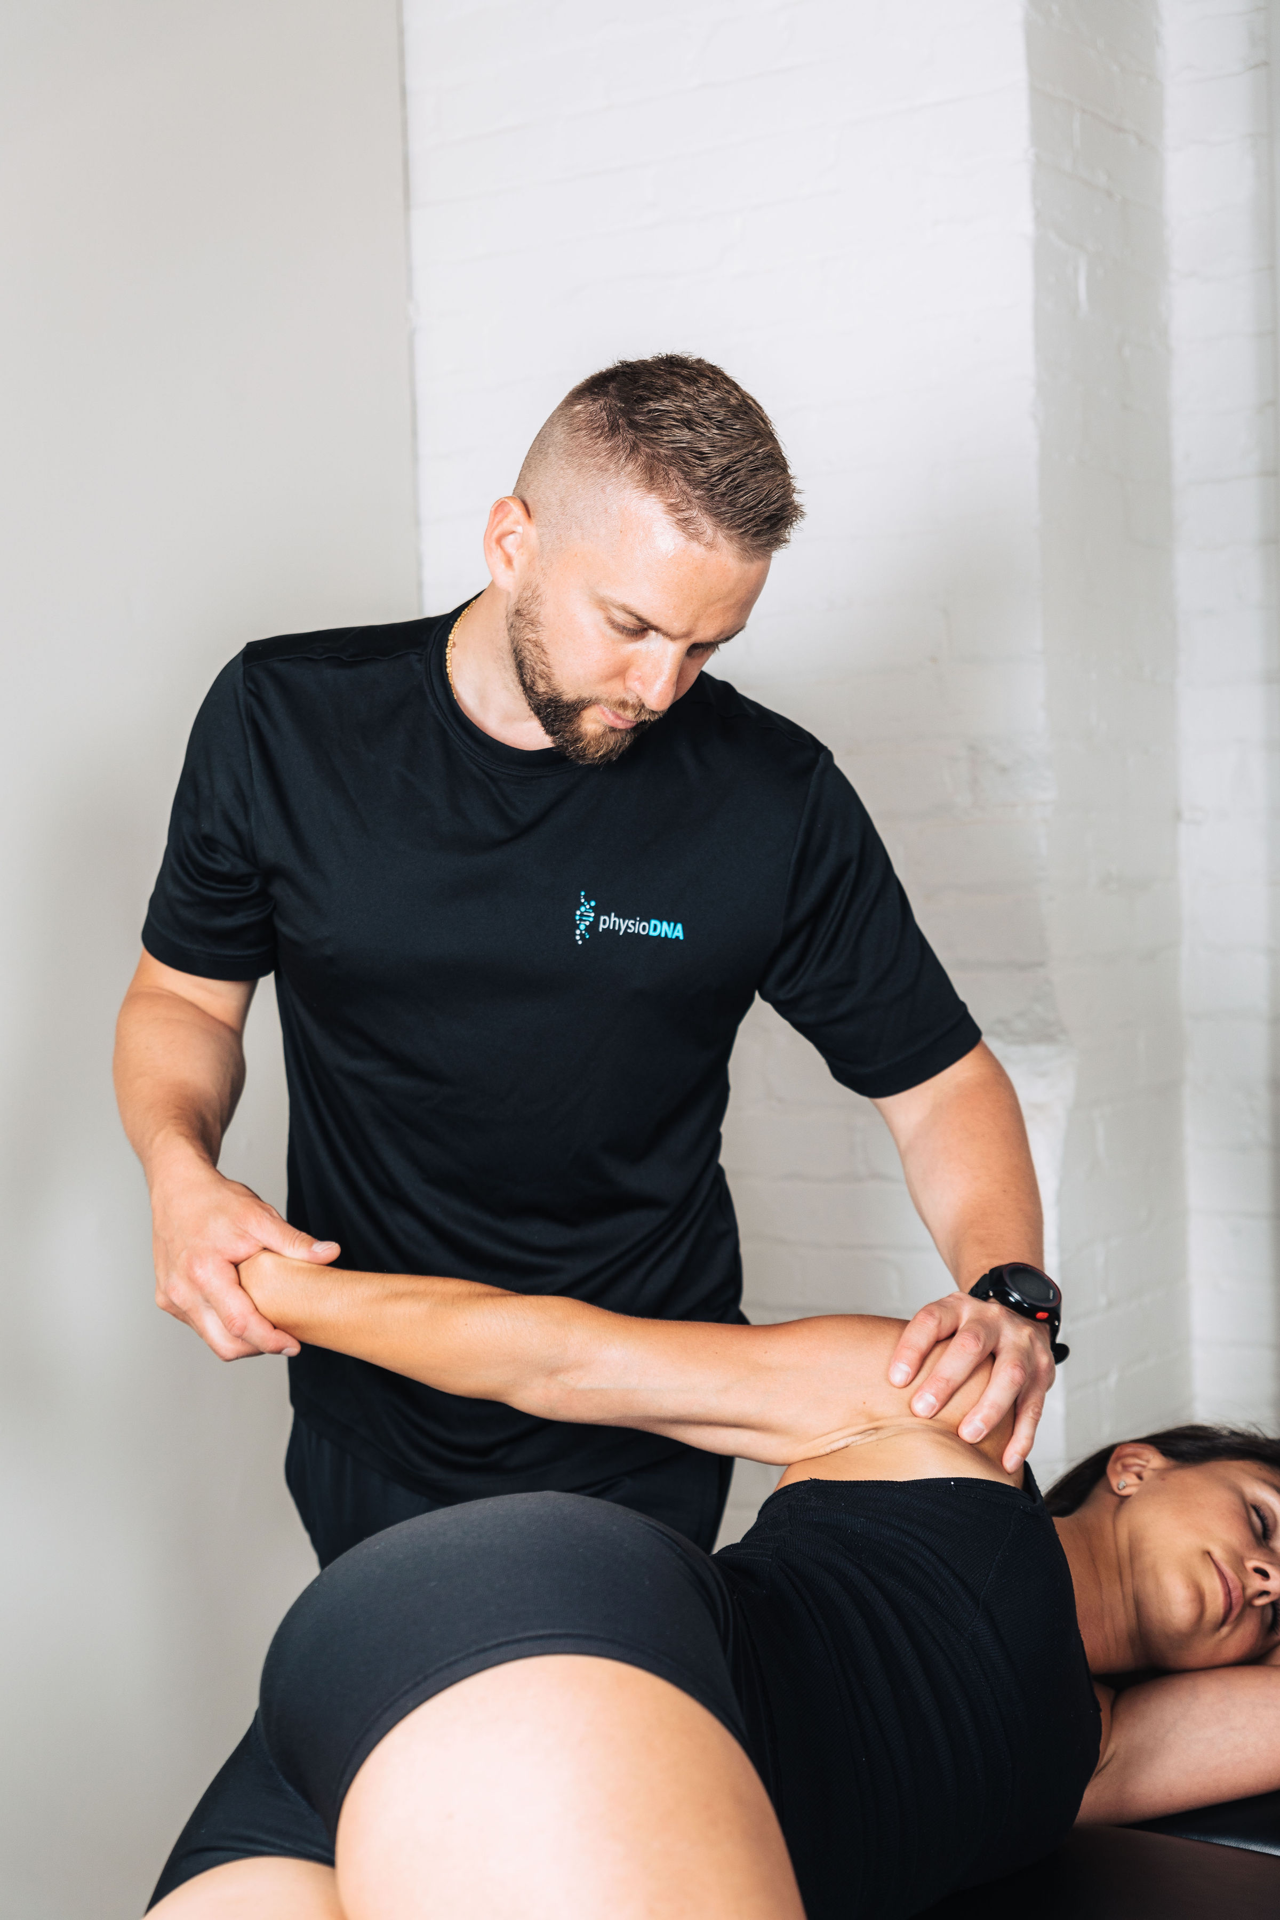 Chiropractic slide